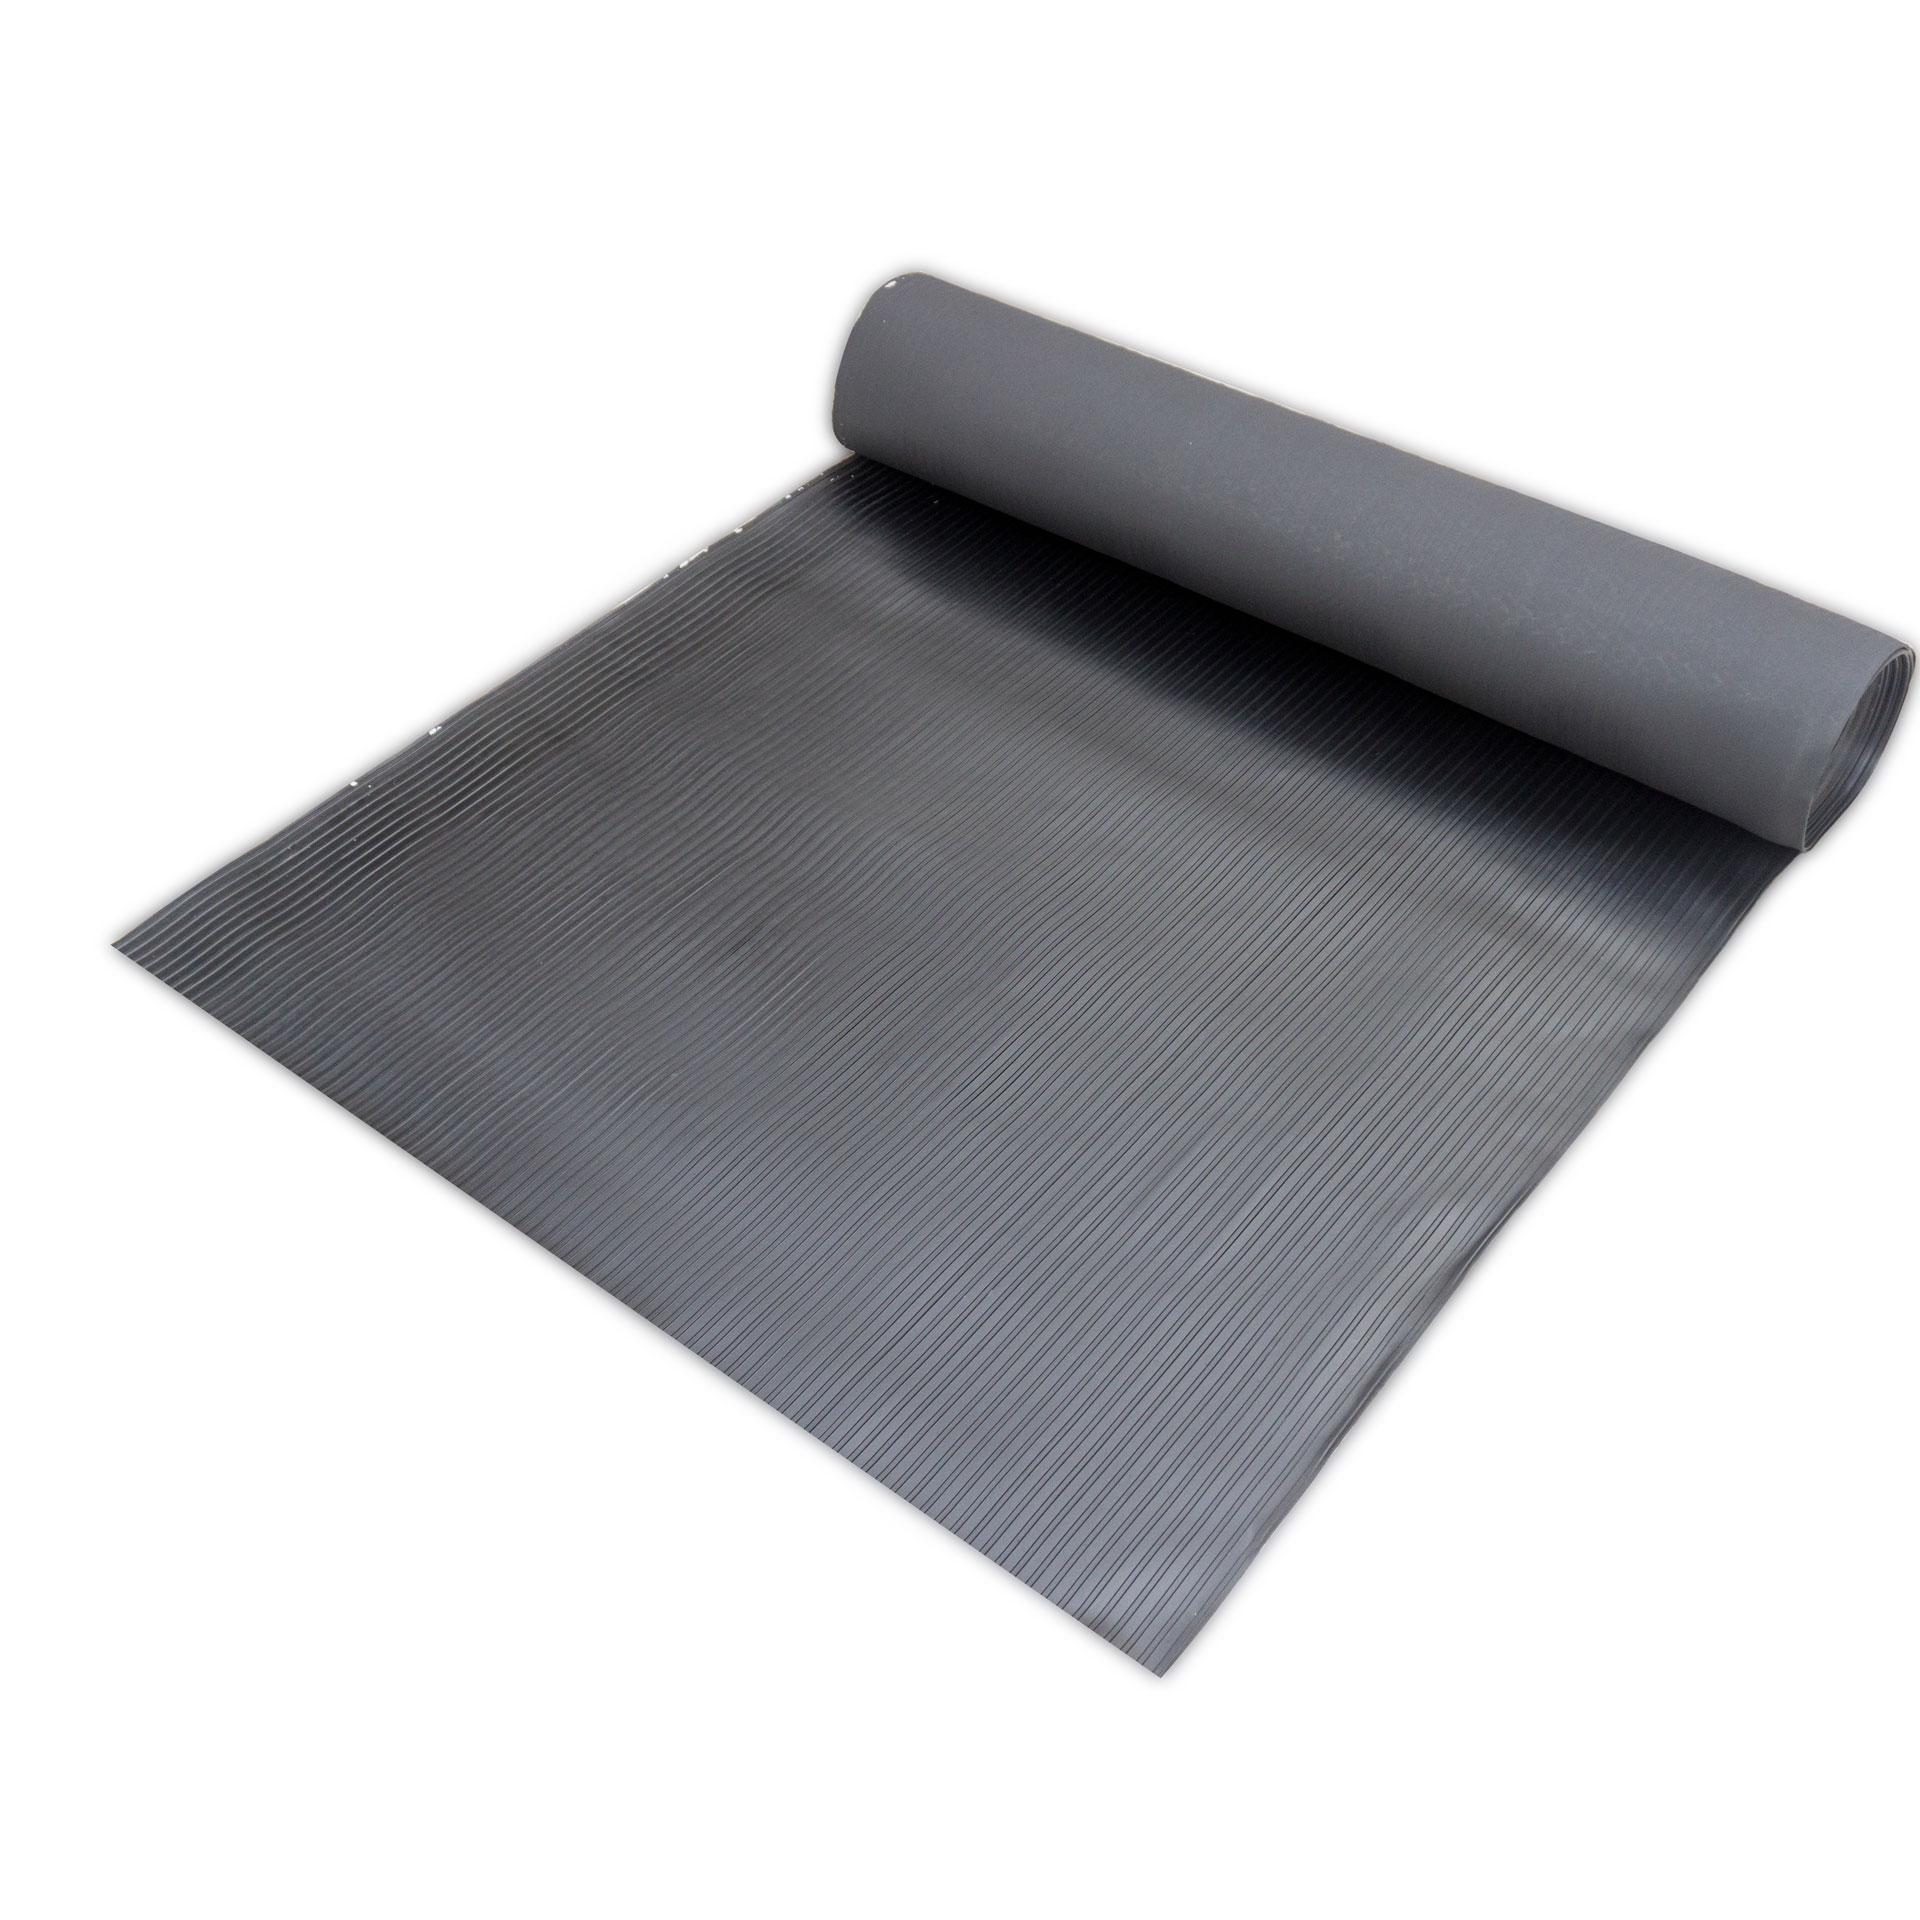 Рулоновое покрытие с рифленым широким покрытием